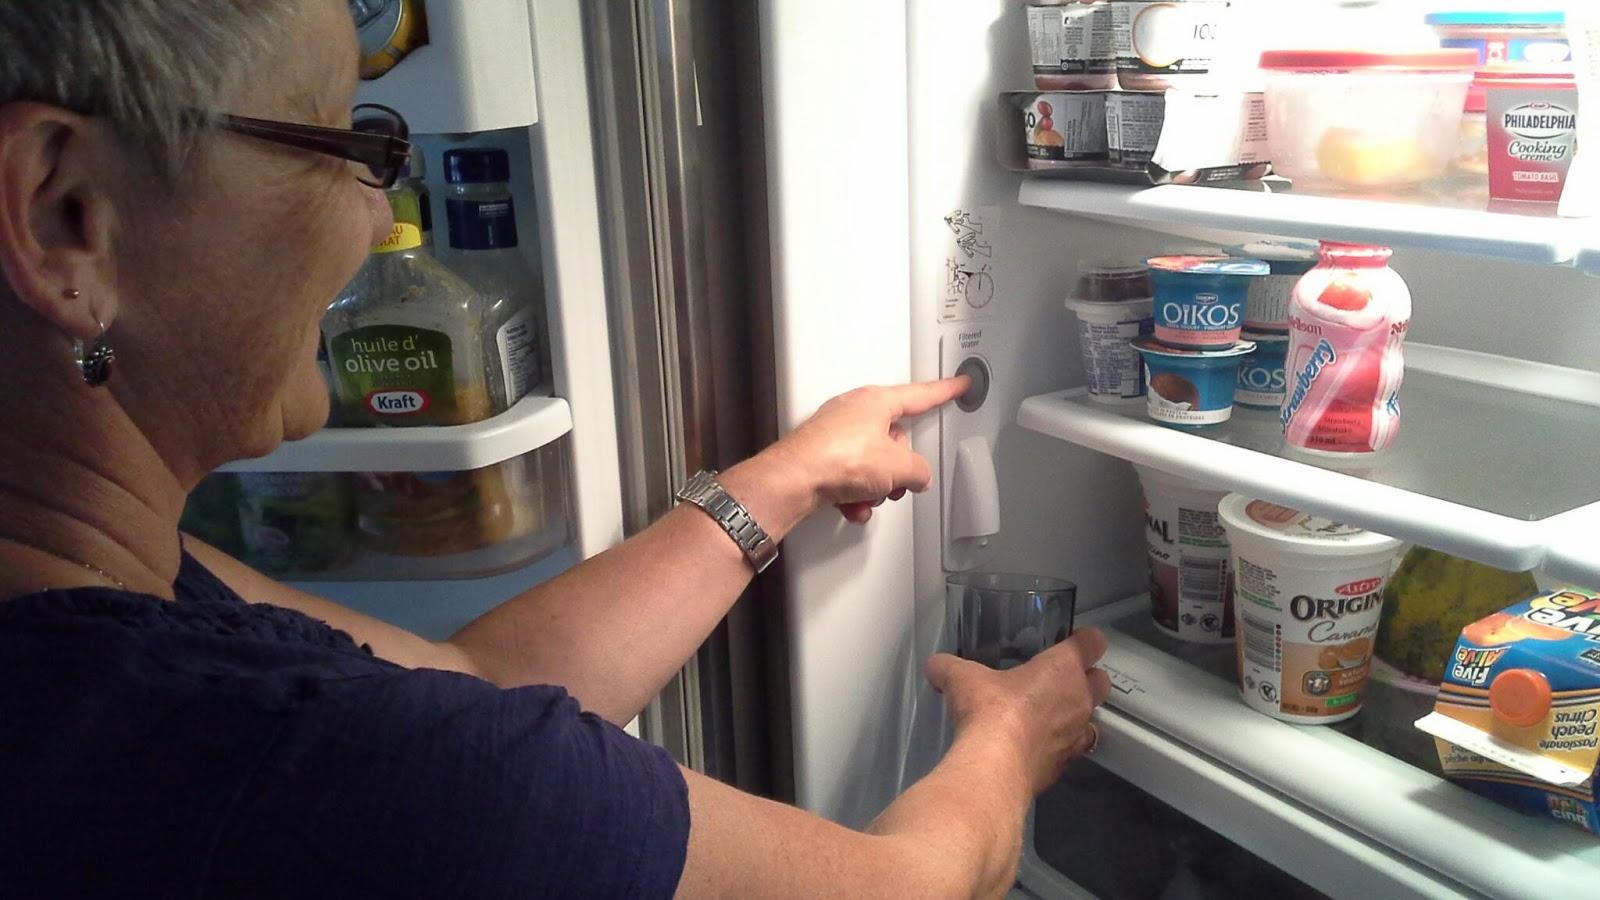 Kühlschrank Wasserleitung : Samsung kühlschrank wasserleitung reinigen side by side